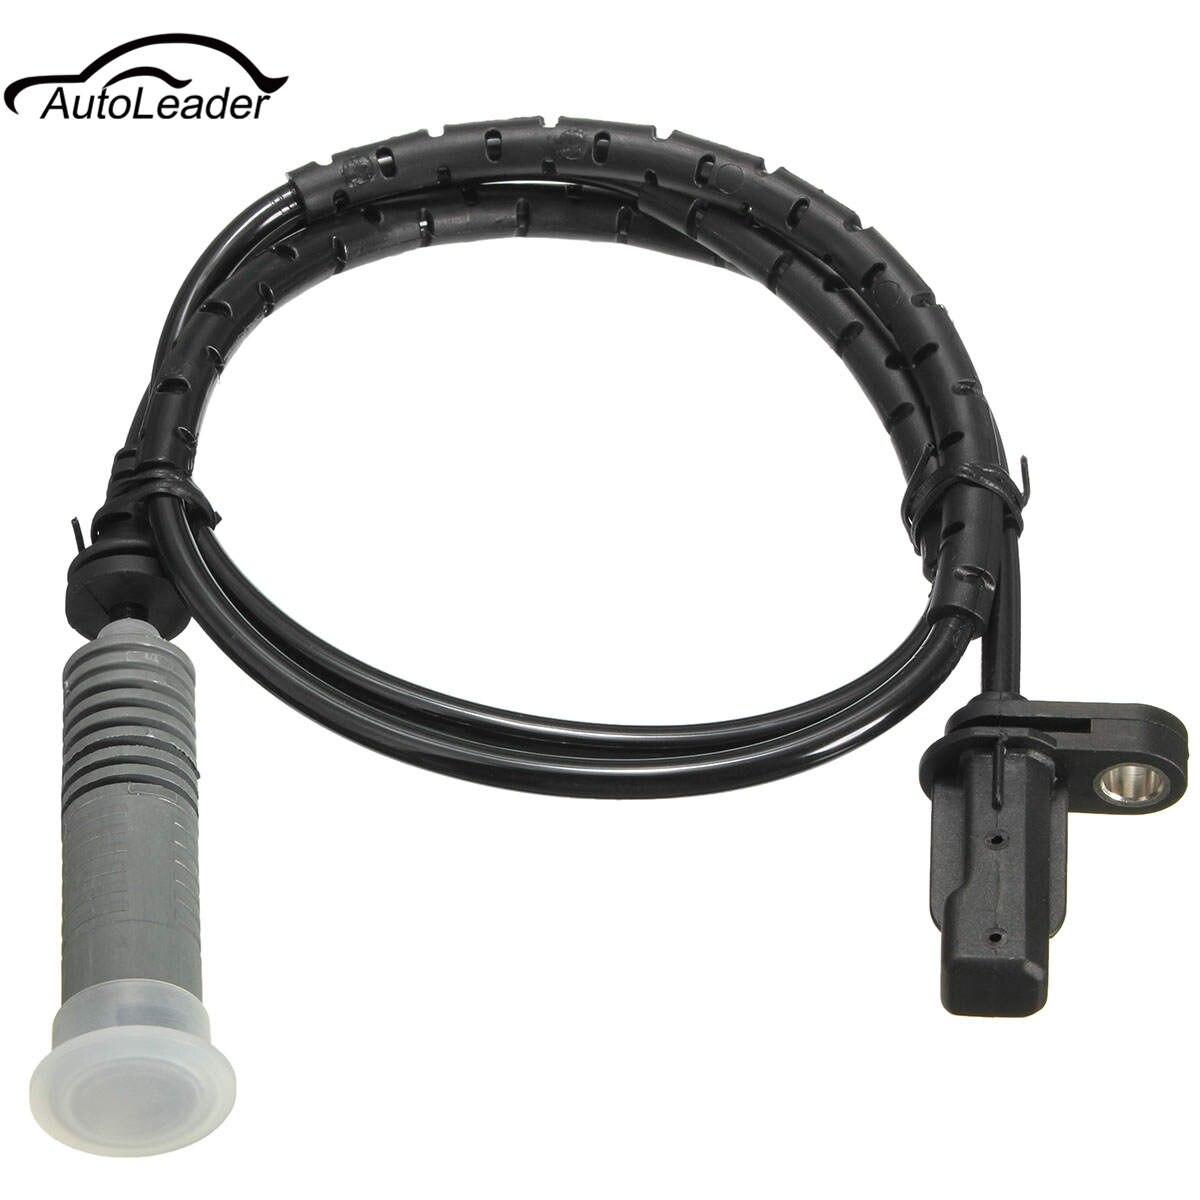 Replacement ACP Rear ABS Wheel Speed Sensor For BMW 1 3 Series E81 E82 E88 E90 E91 E92 E93Replacement ACP Rear ABS Wheel Speed Sensor For BMW 1 3 Series E81 E82 E88 E90 E91 E92 E93